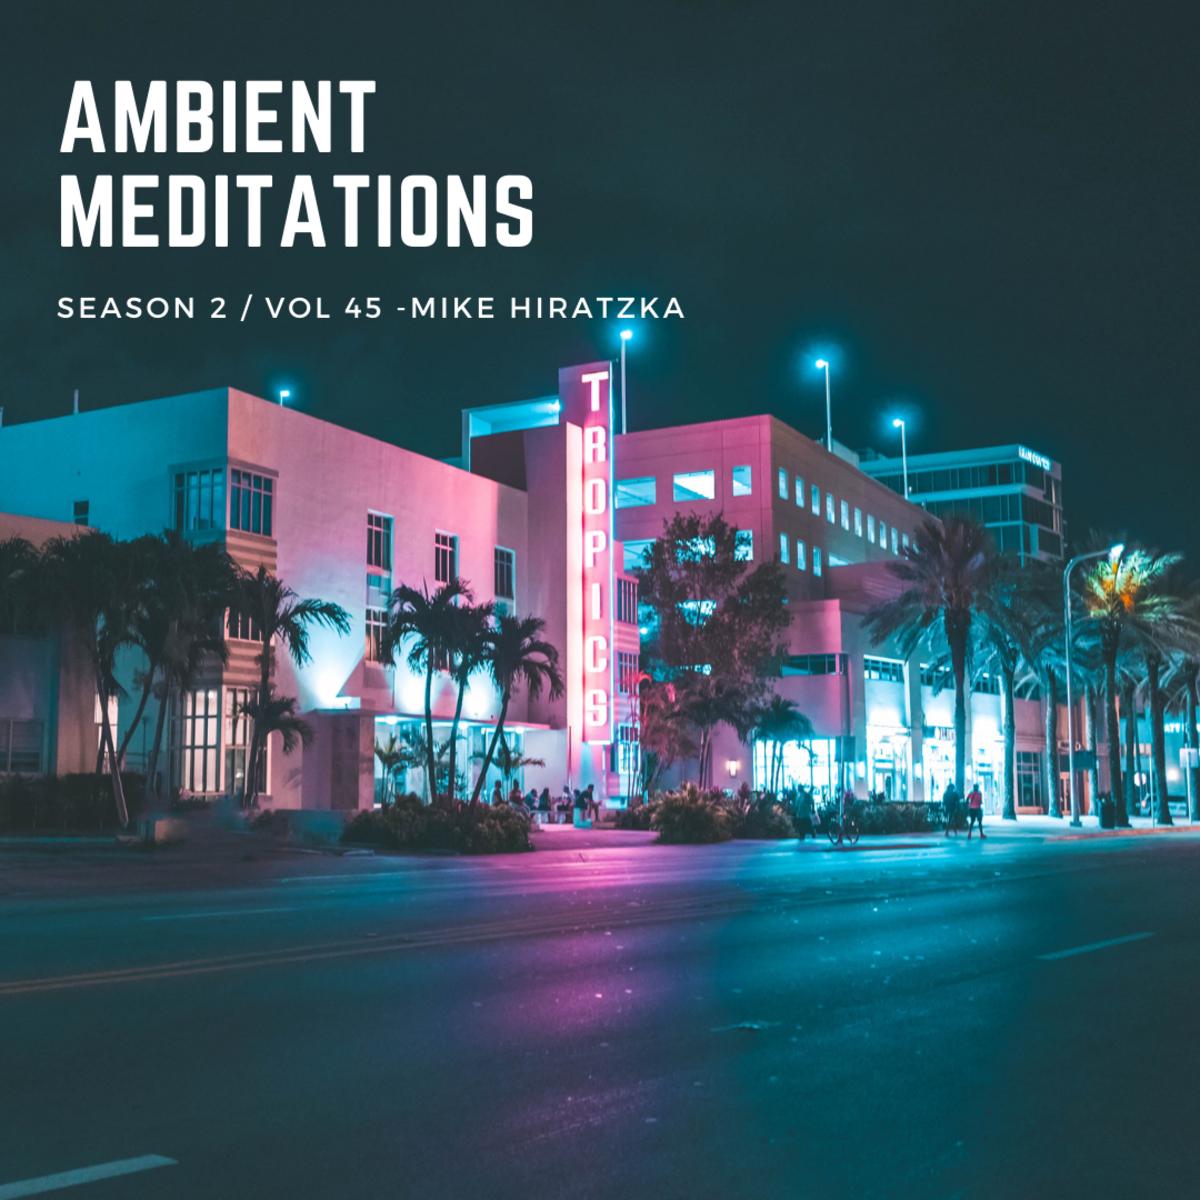 Ambient Meditations S2 Vol 45 - Mike Hiratzka